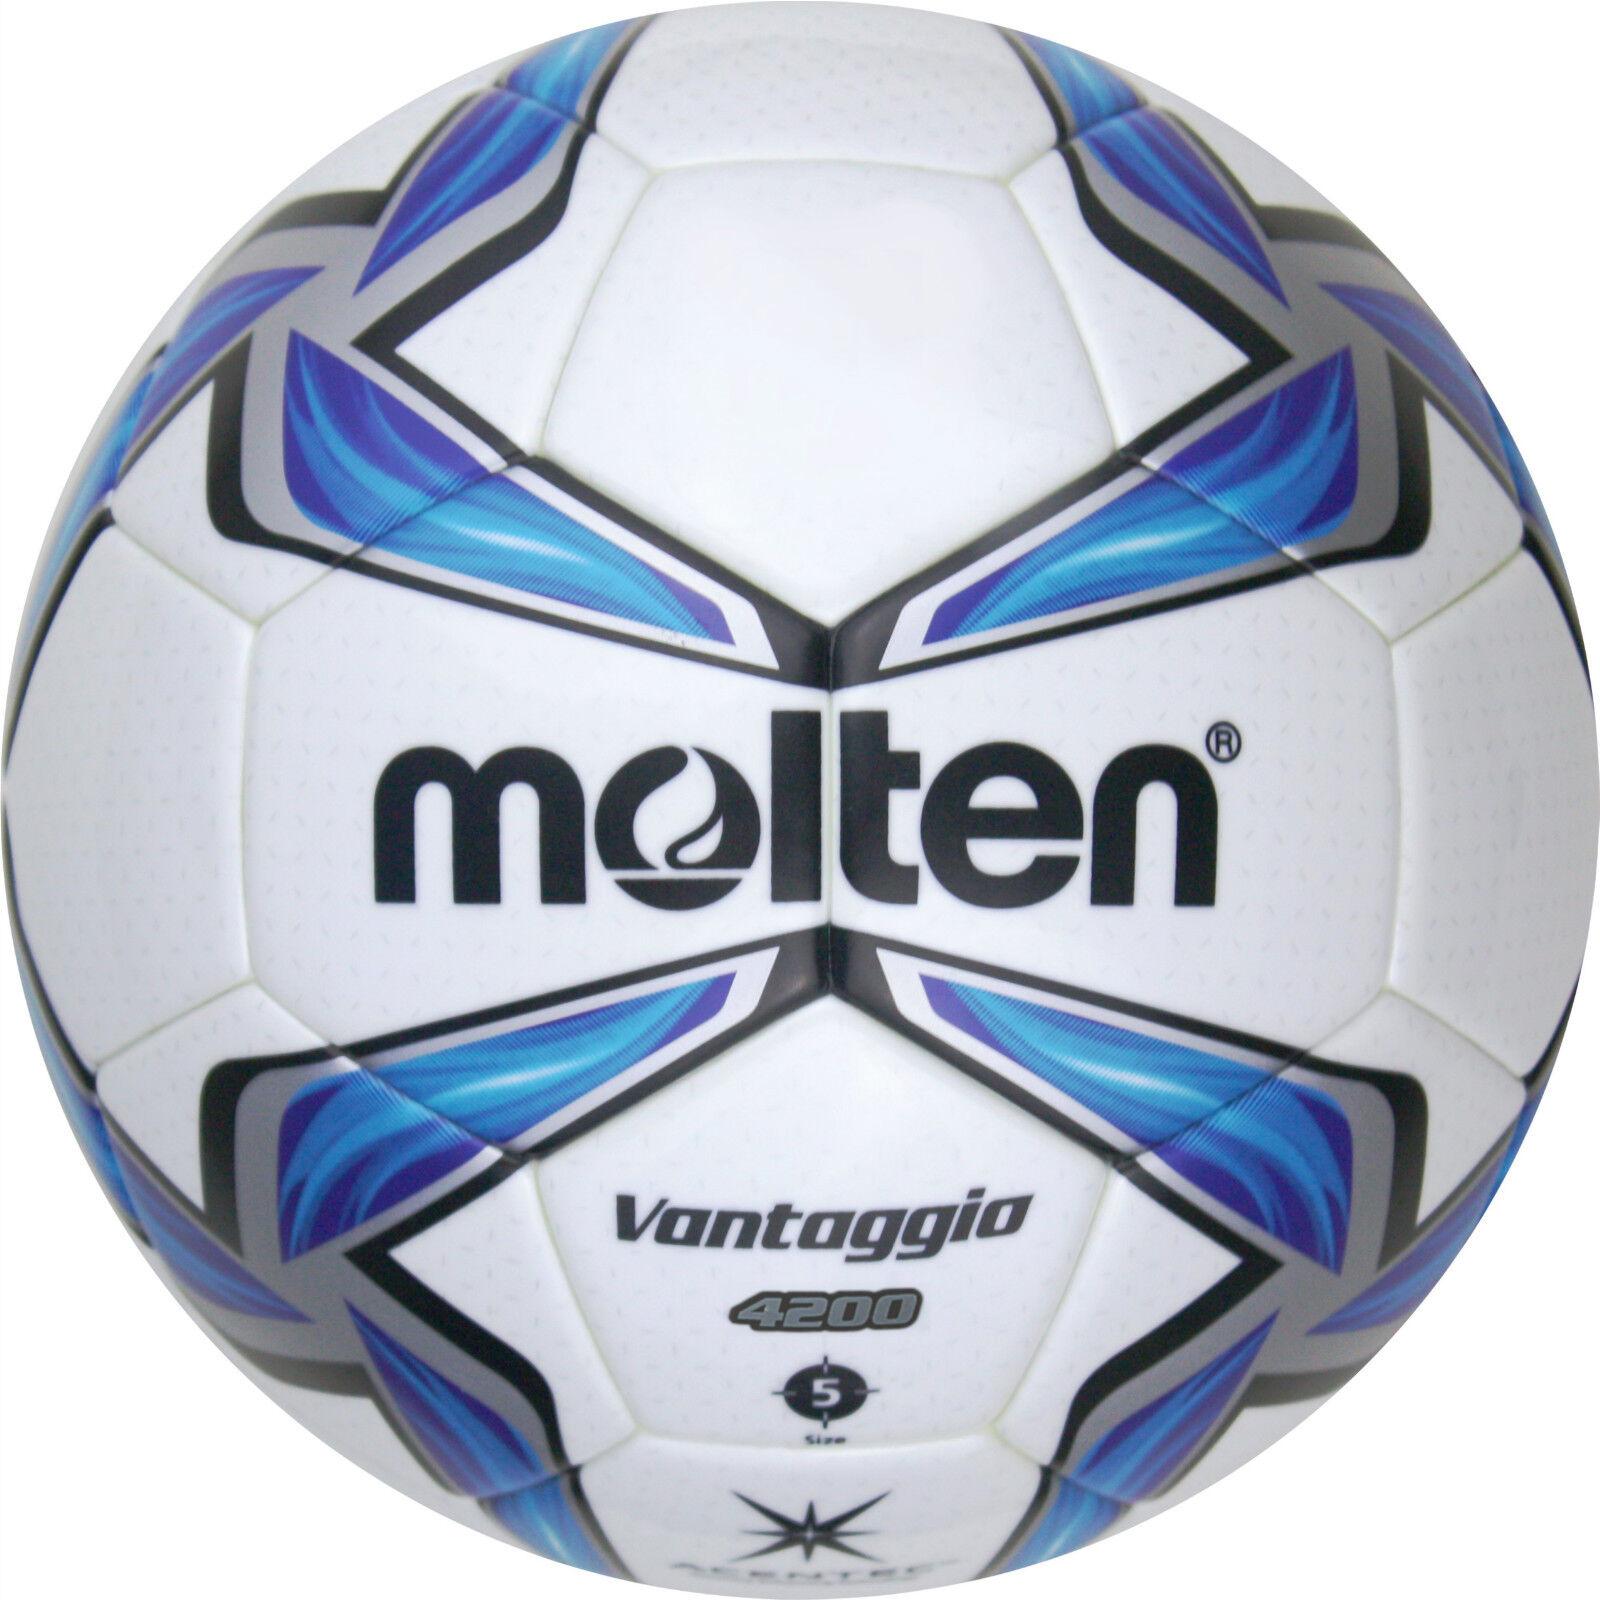 Molten Fußball F5V4200 / Gr. 5 / 109455-